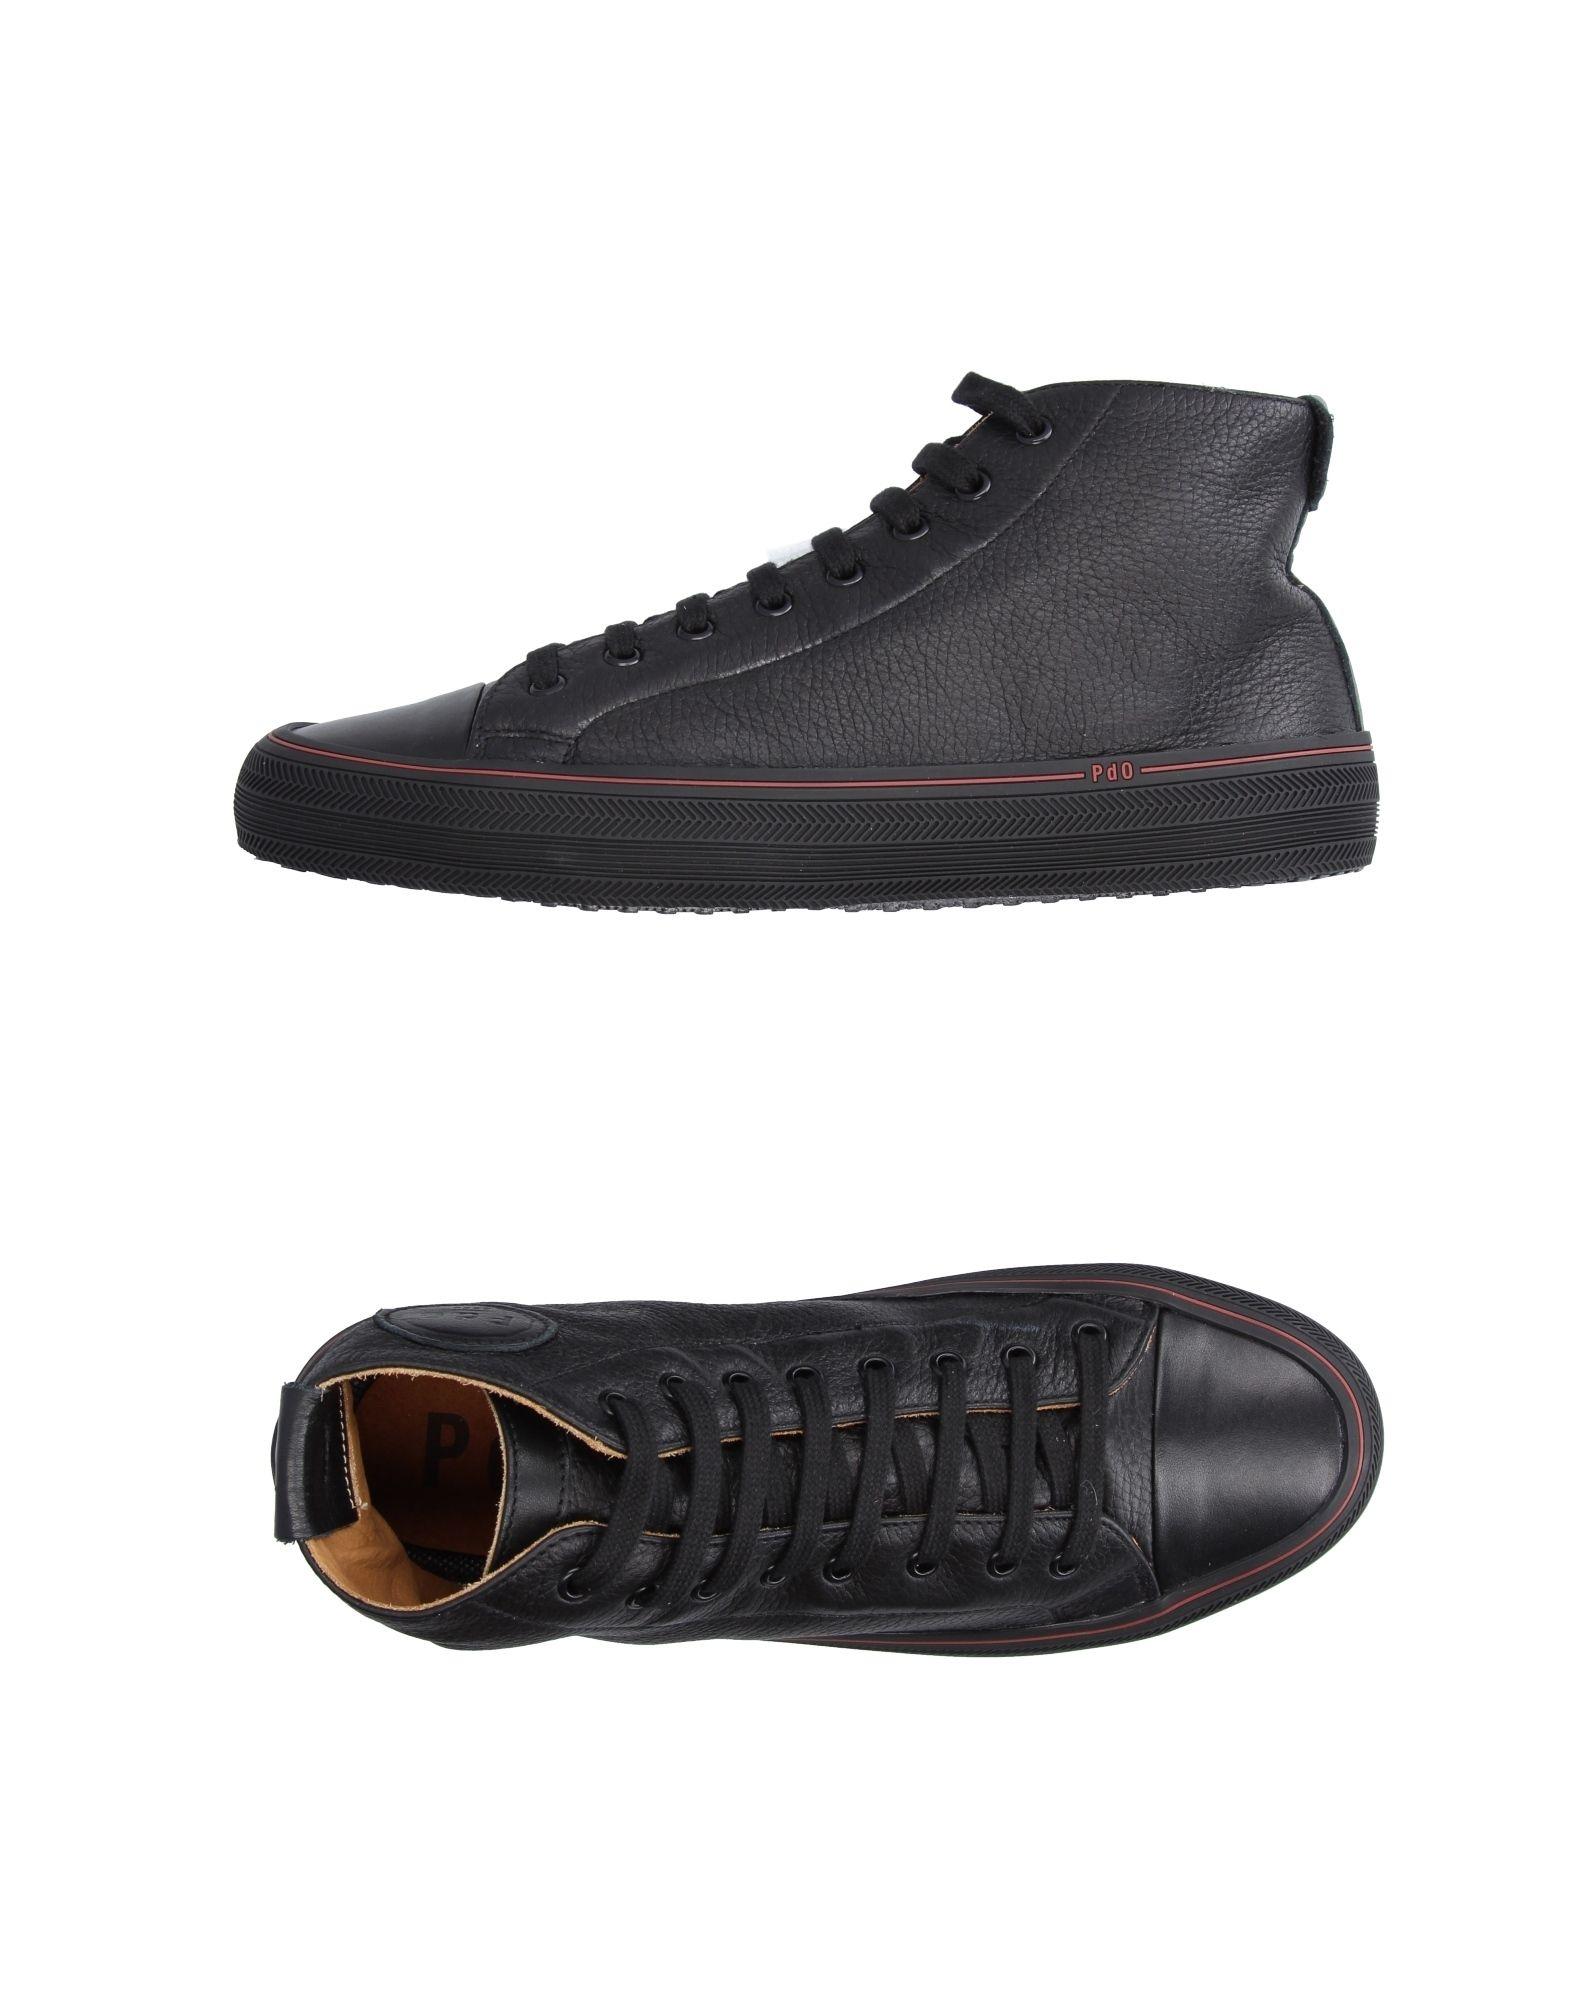 Pantofola 11220924GC D'oro Sneakers Herren  11220924GC Pantofola Neue Schuhe 175066